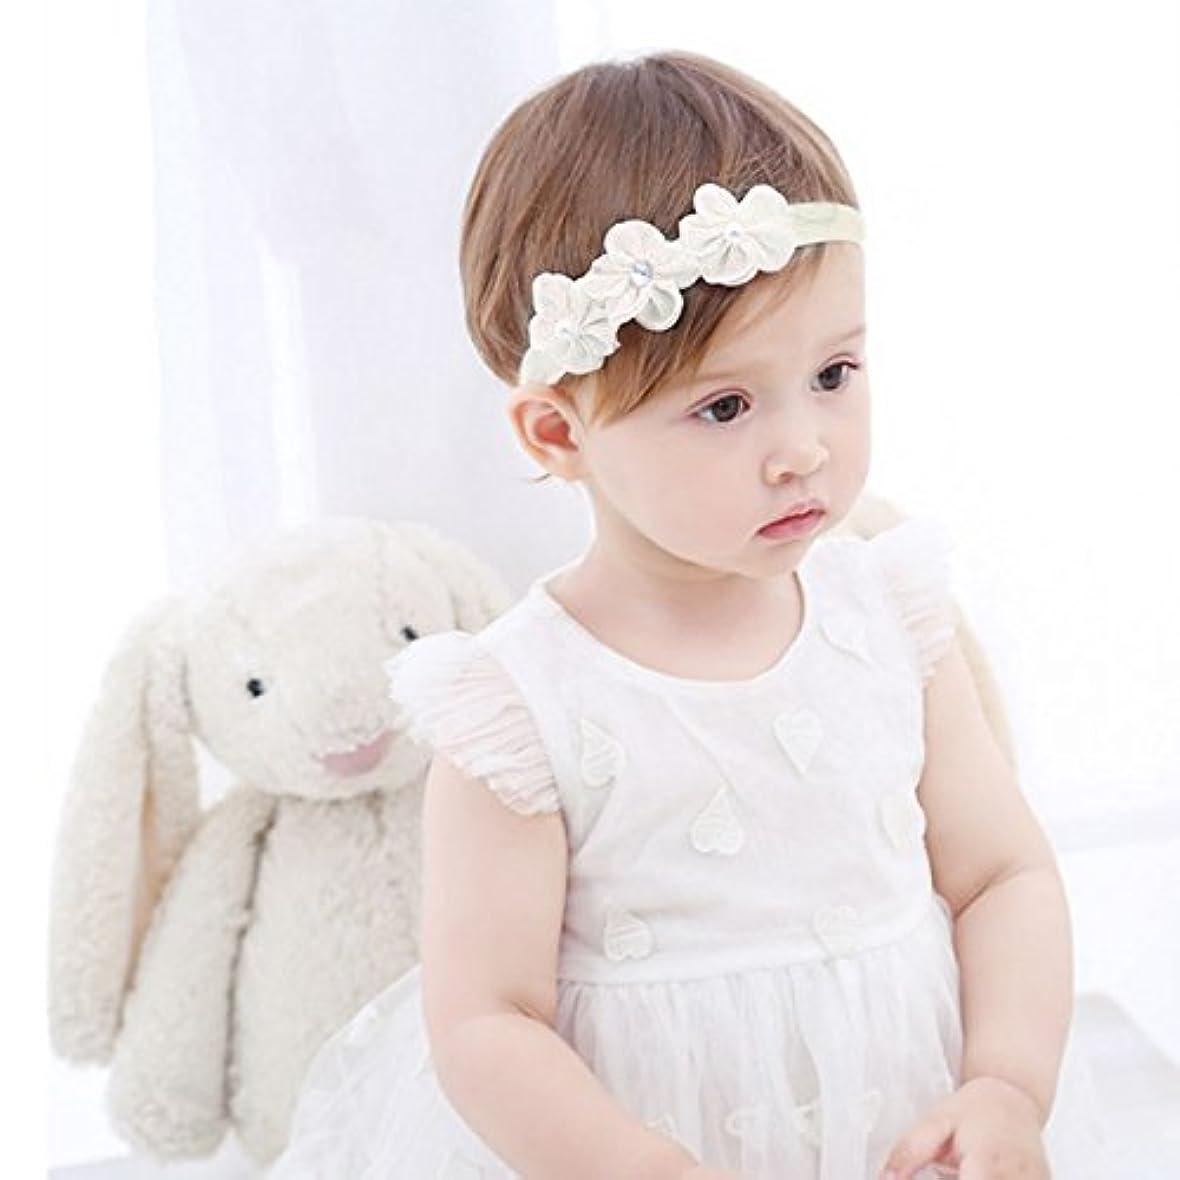 アーサー全くニッケルRefaxi 子供の赤ちゃんかわいい幼児のレースの花のヘアバンドヘッドウェアヘッドバンドアクセサリー